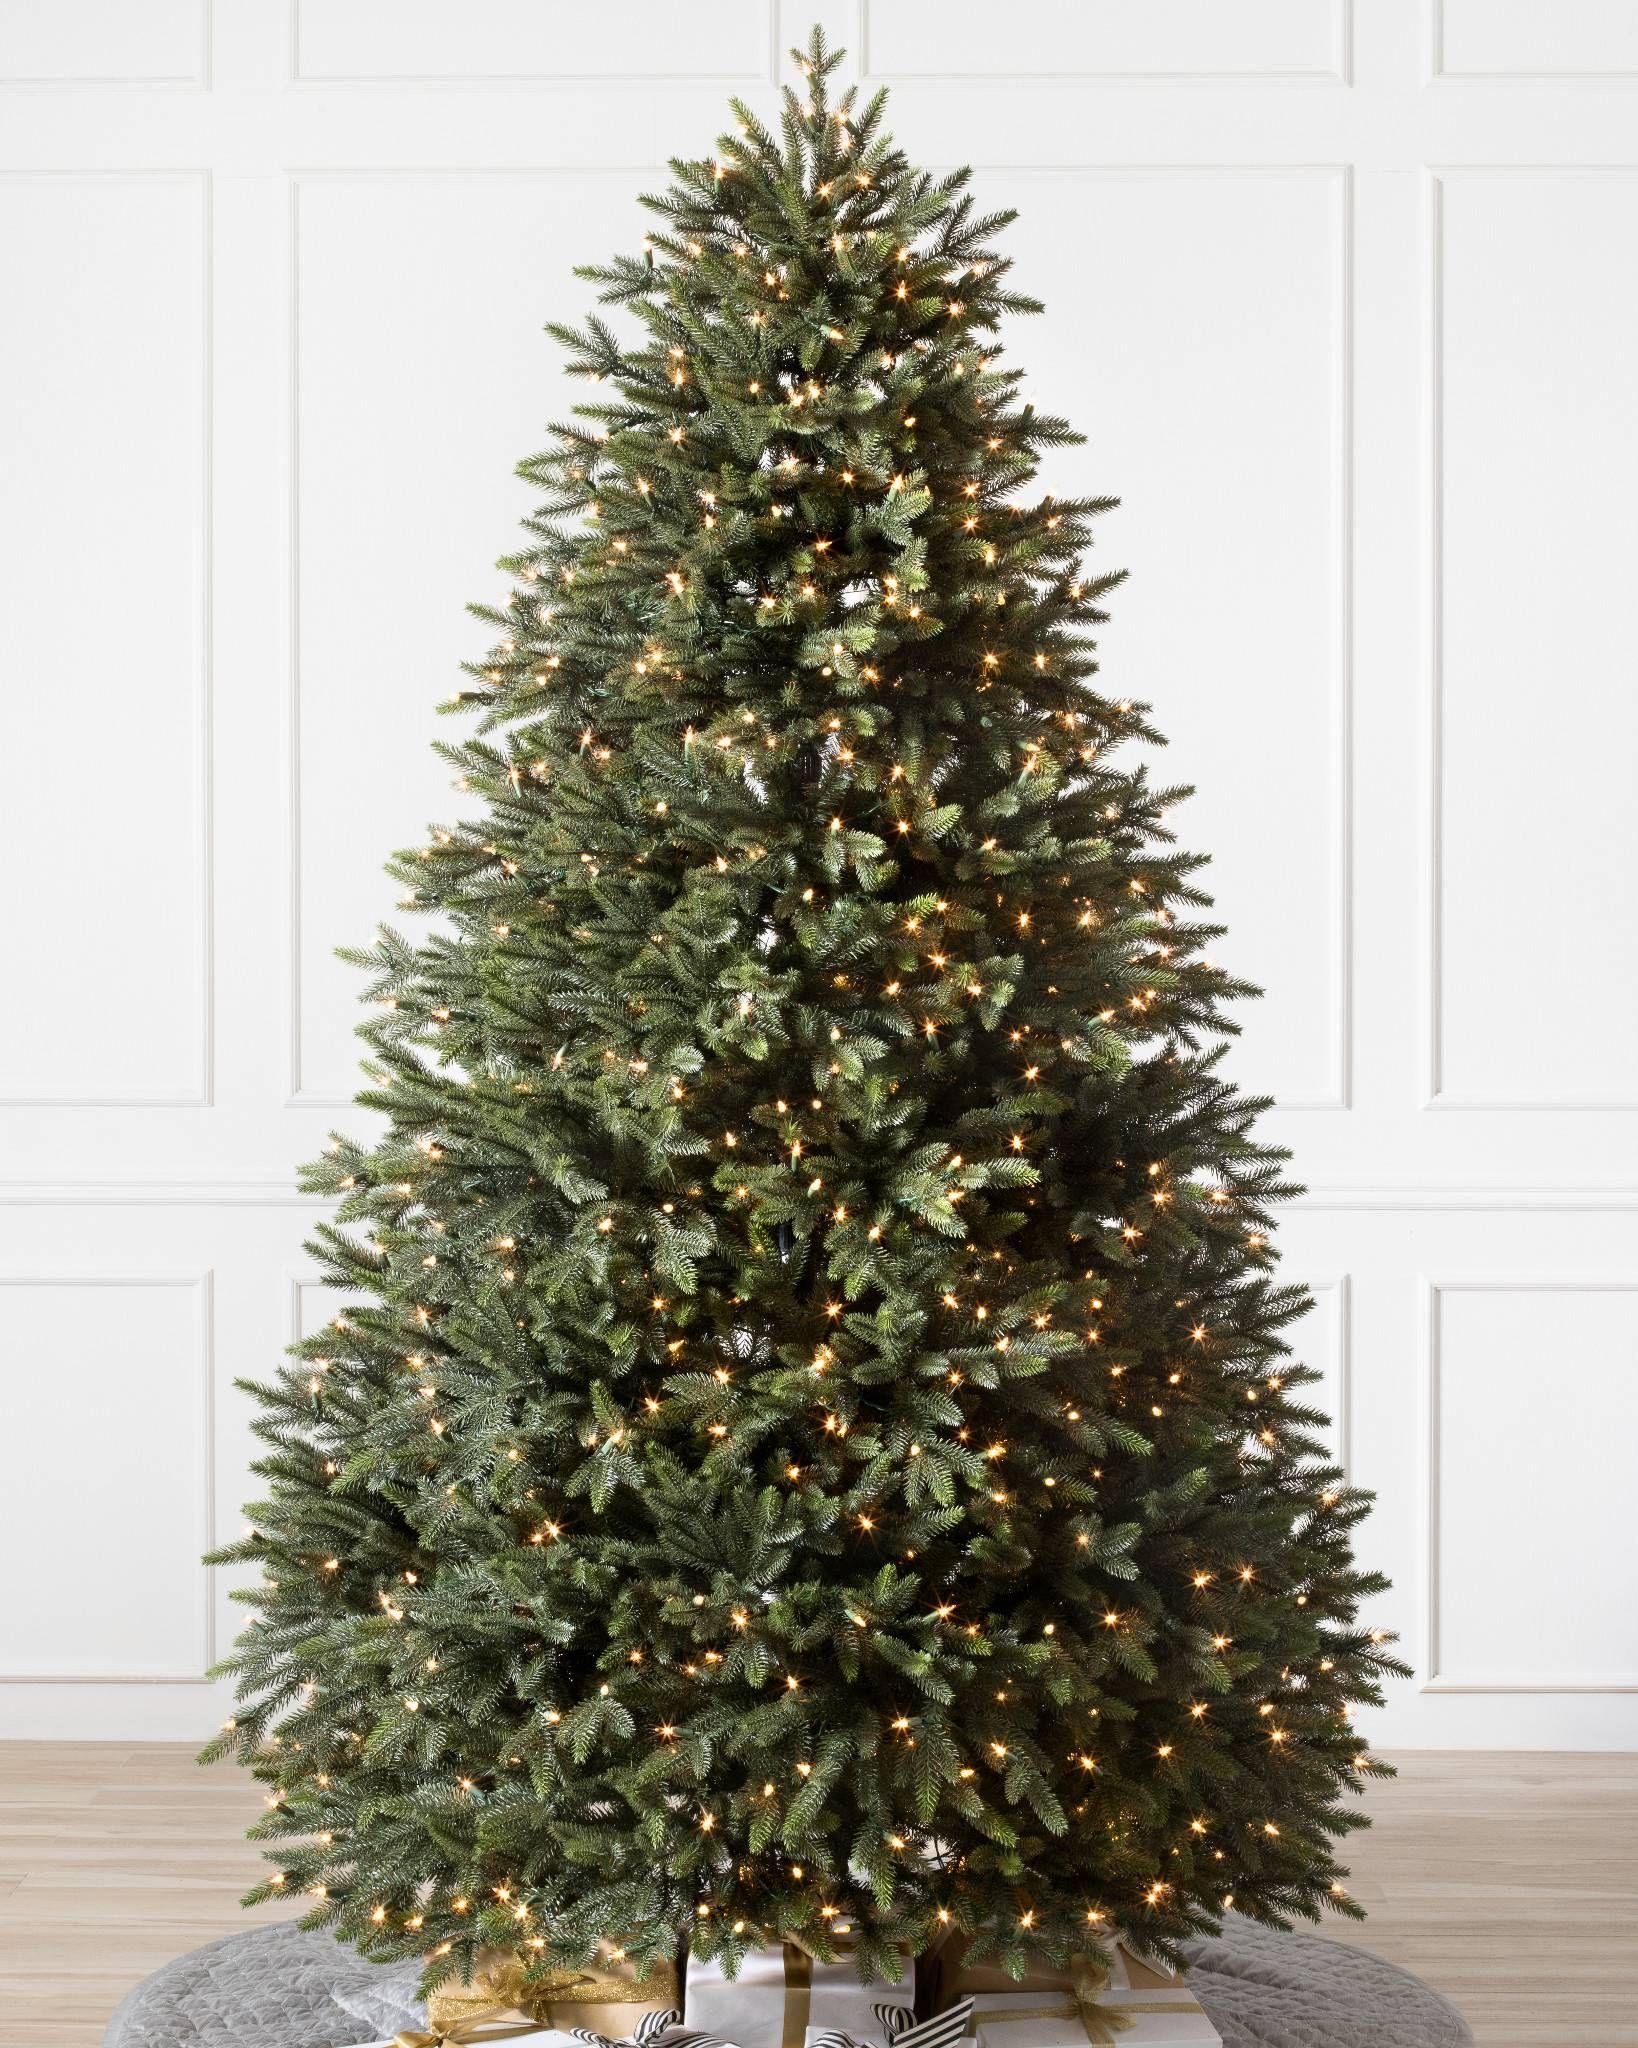 Centennial Fir Artificial Christmas Tree Balsam Hill